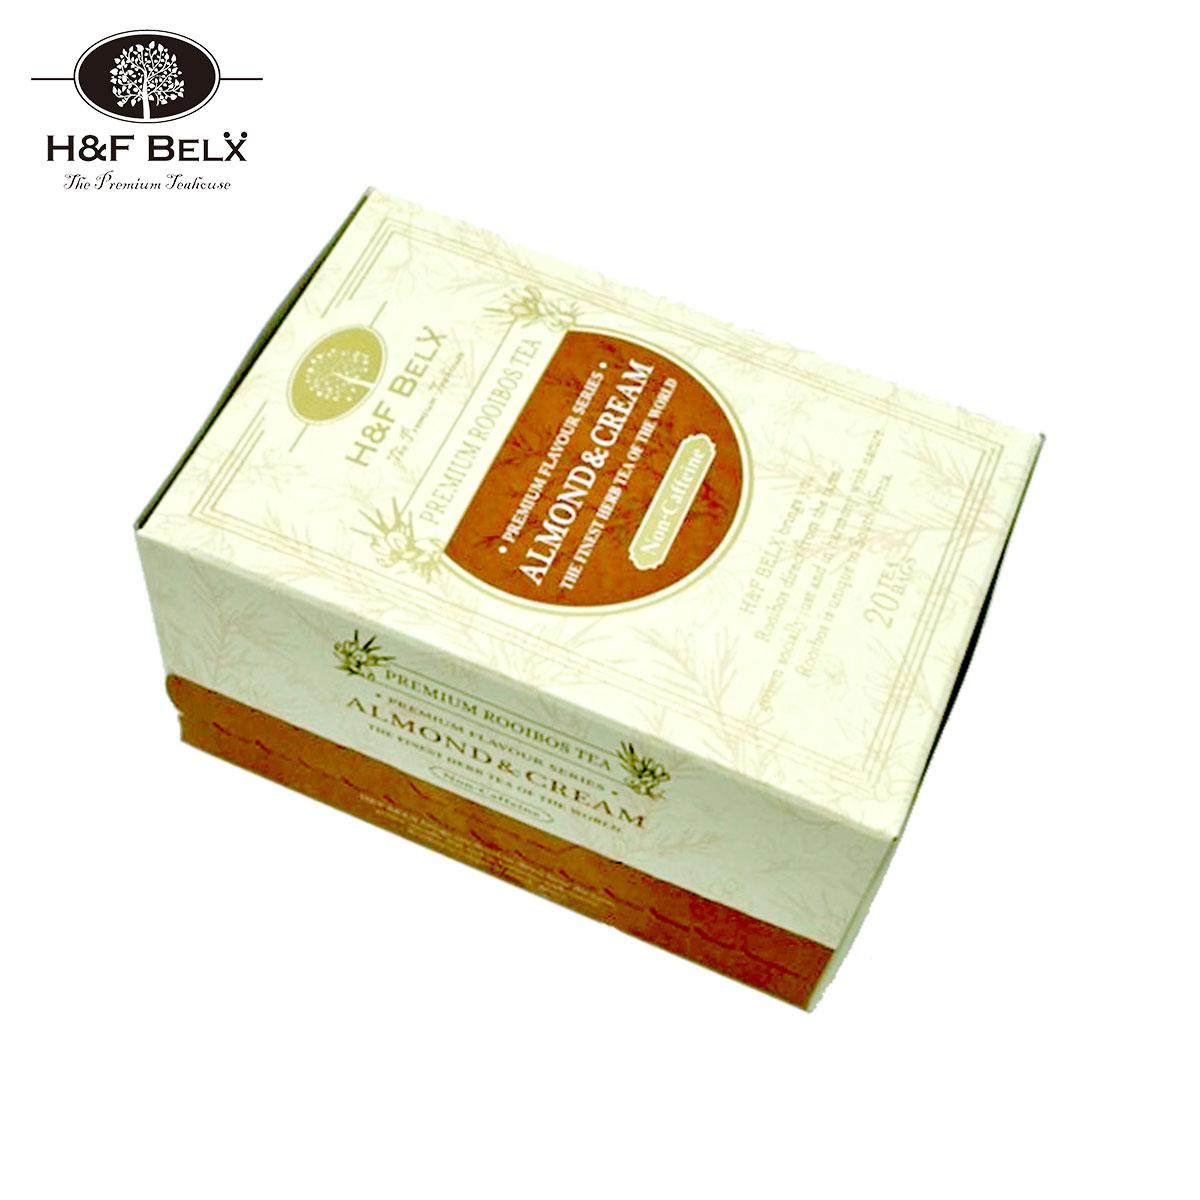 アーモンドクリームティー|アーモンドの香りをつけたフレーバーティー。甘いのにノンシュガーノンカロリーでダイエットにもおすすめ。個包装のルイボスティー